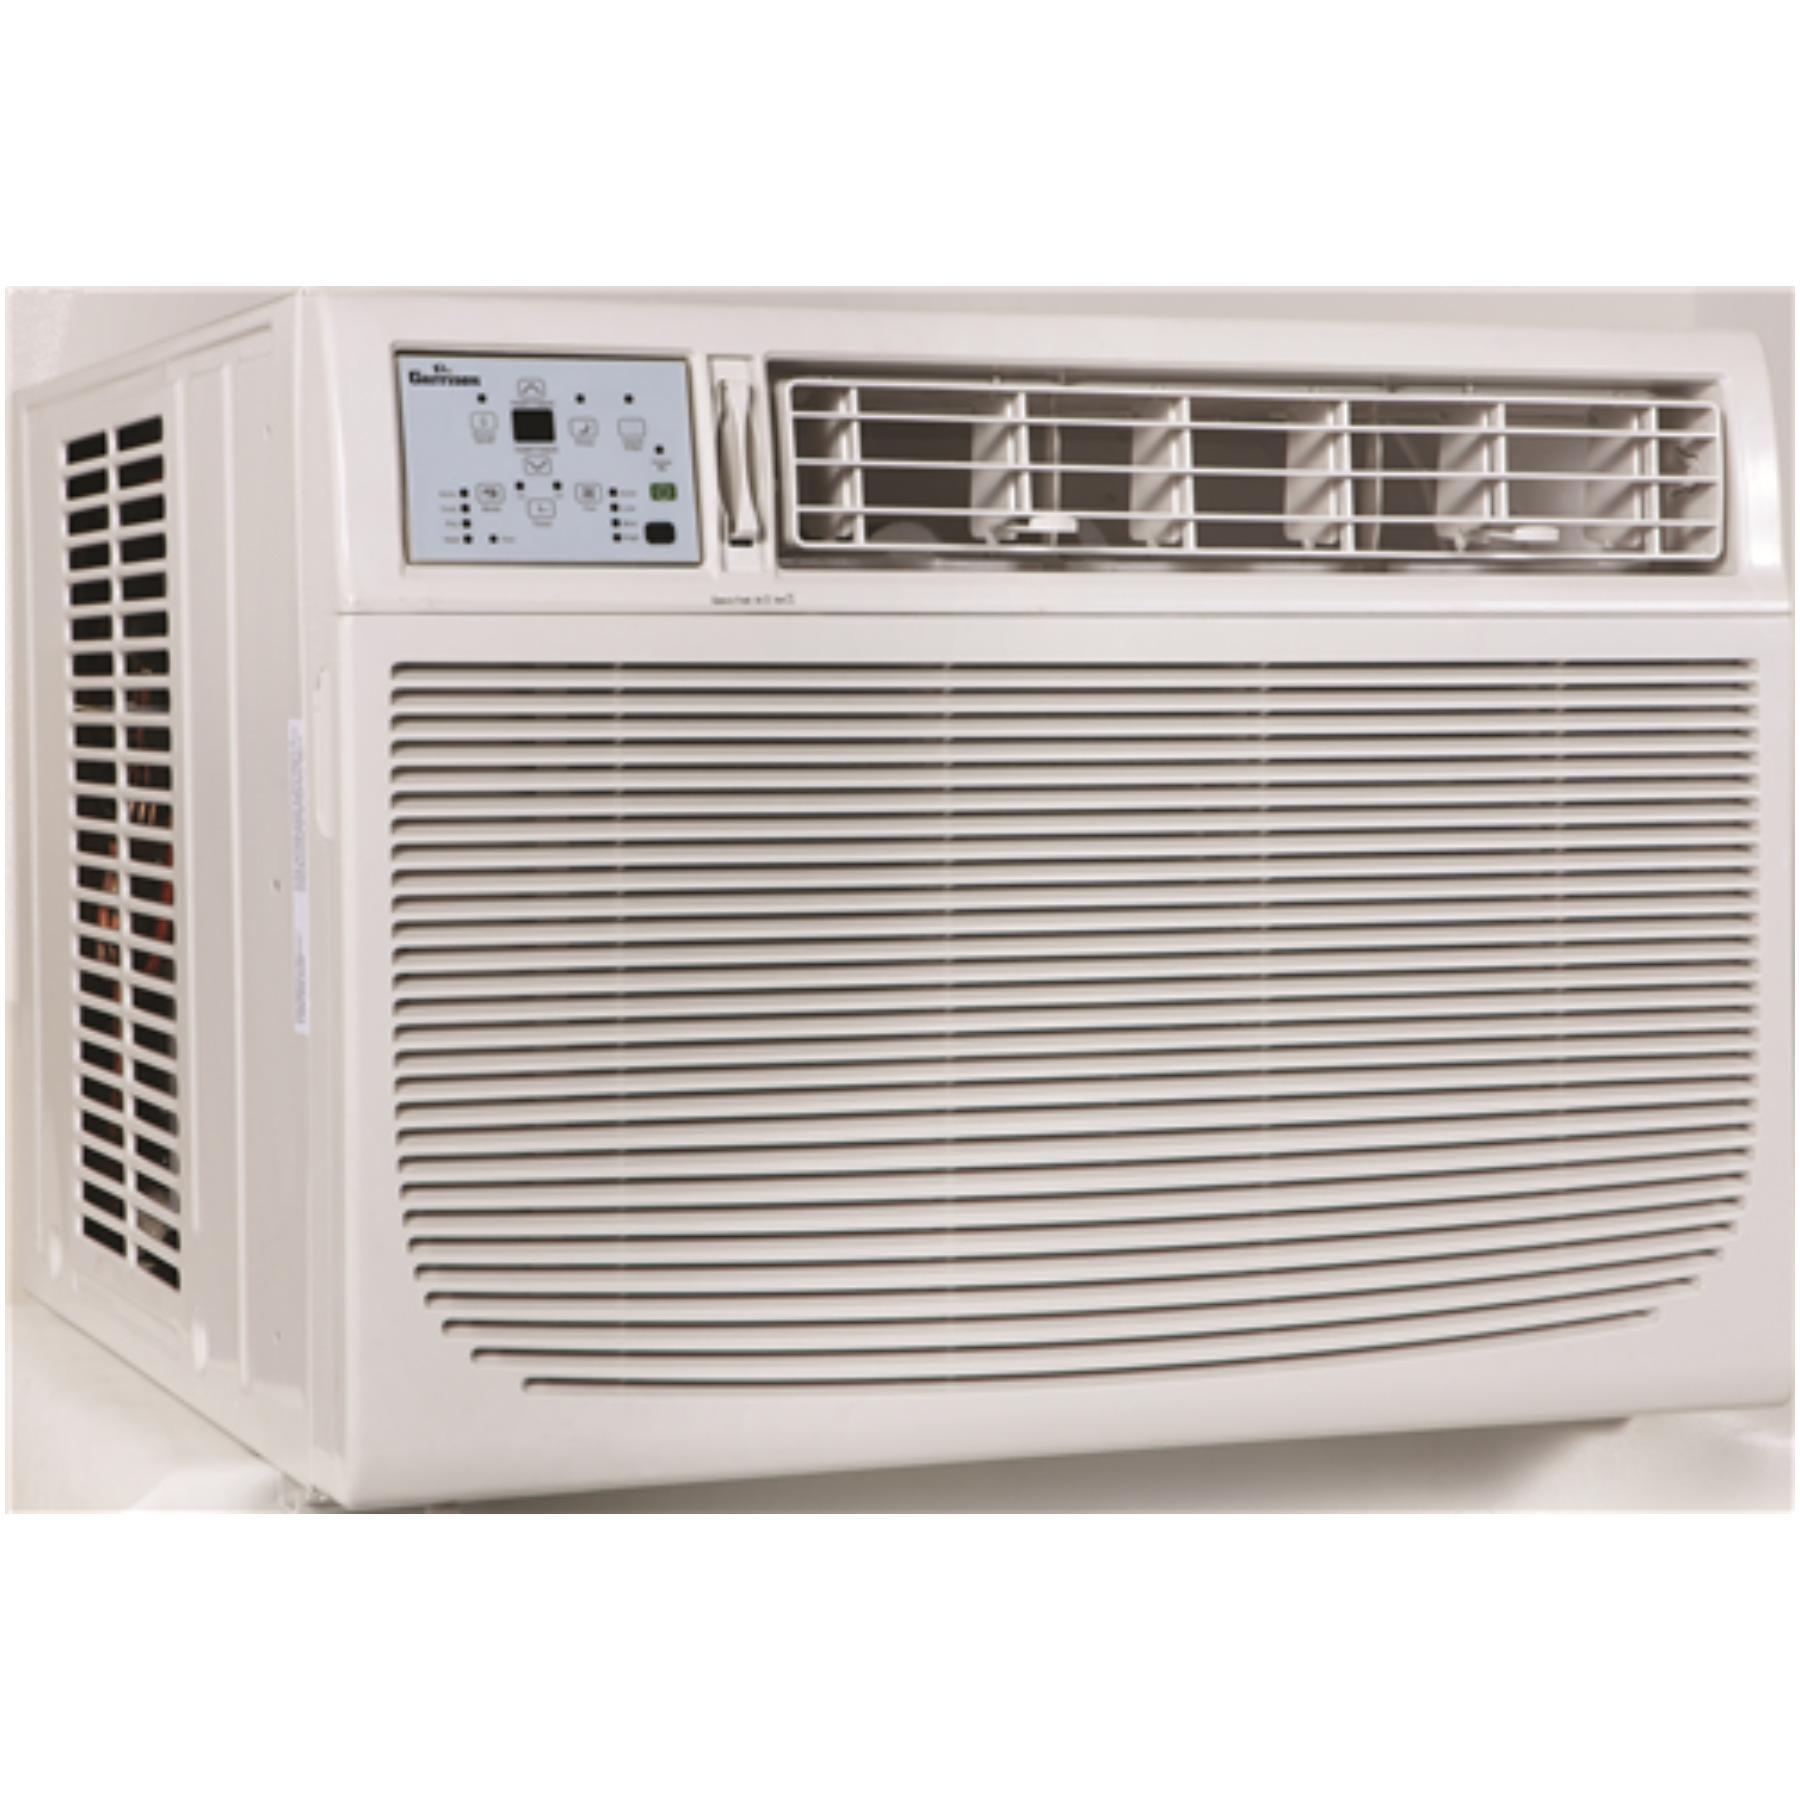 GARRISON� AIR CONDITIONER, WINDOW MOUNT, 25,000 BTU, 230/208 VOLTS, HEAT AND COOL